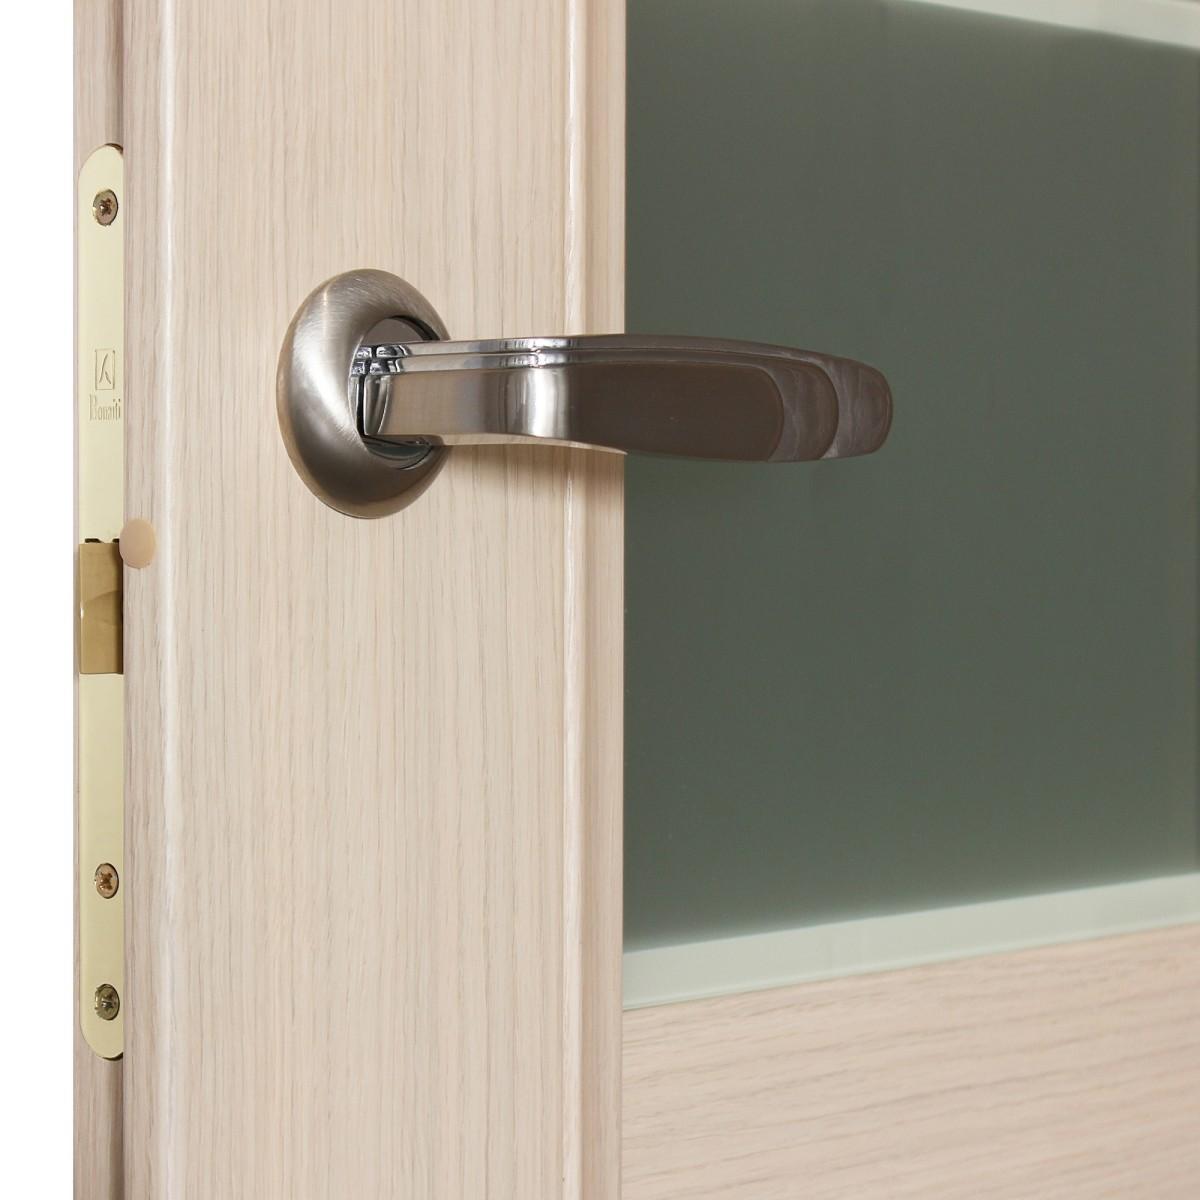 Дверь Межкомнатная Остеклённая Конкорд Cpl 70x200 Цвет Выбеленый Дуб